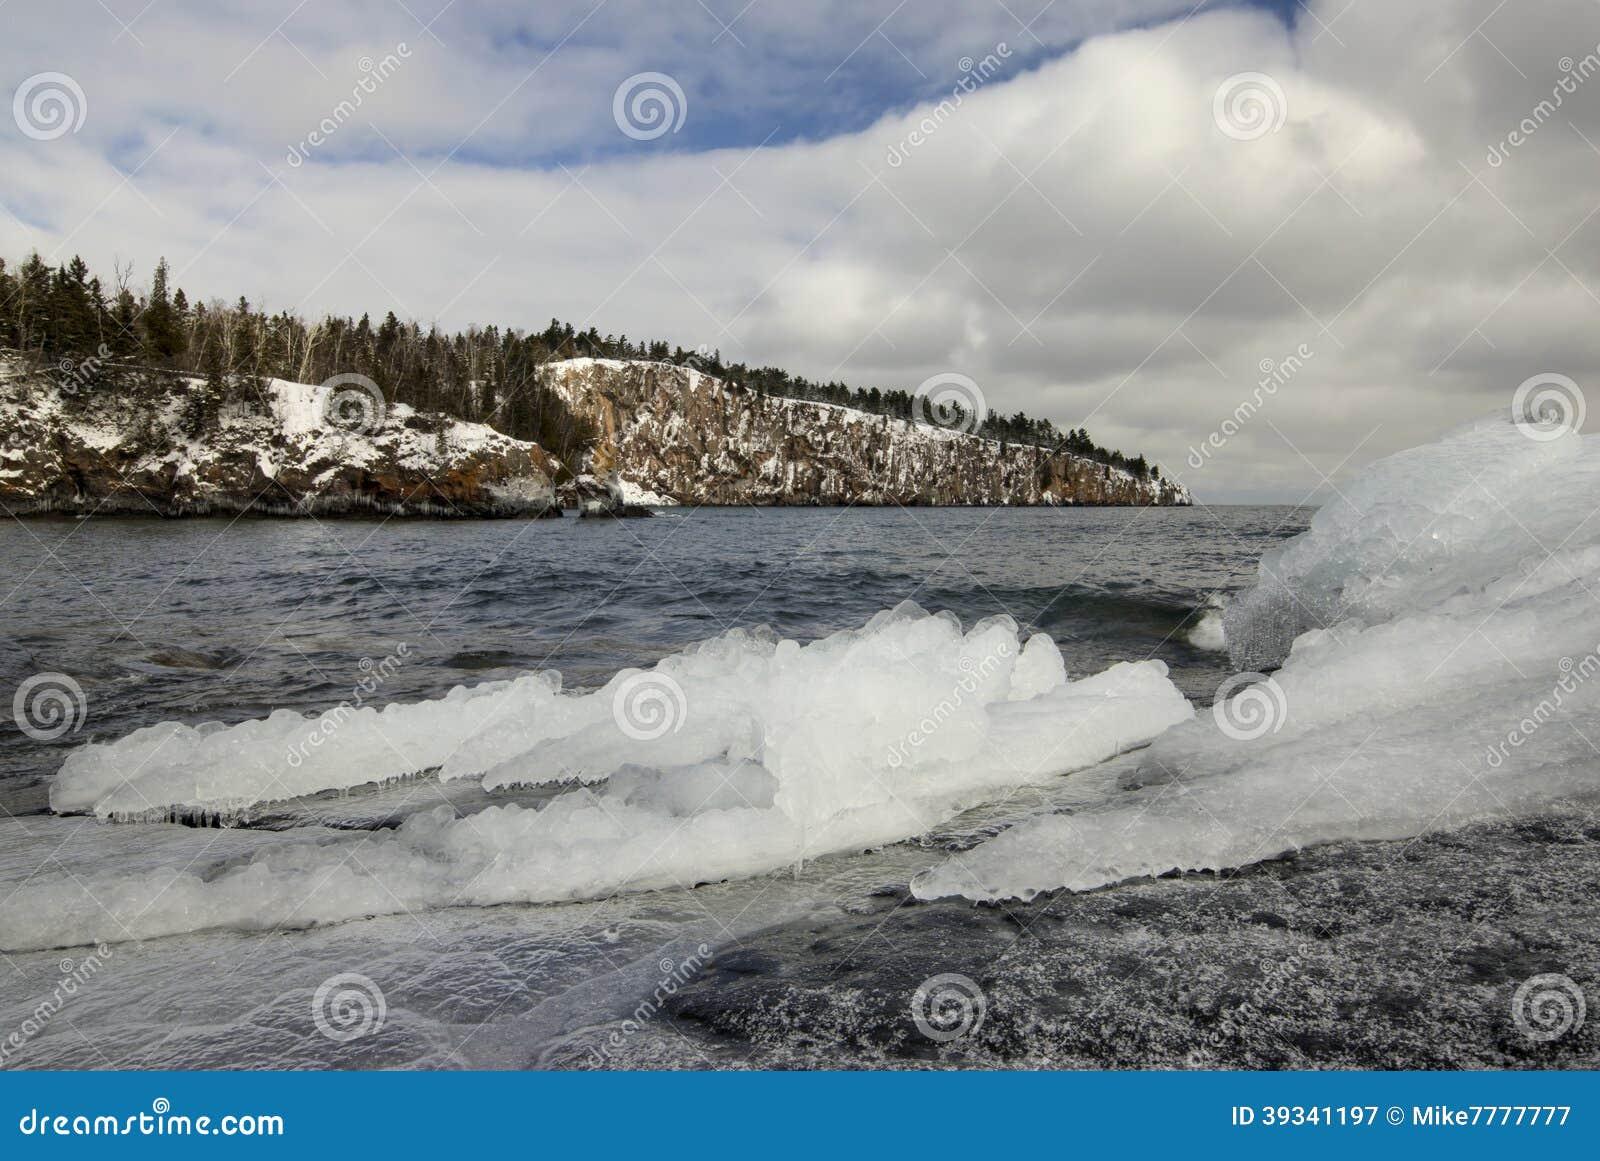 Is och snö på kusten av Lake Superior, skyffelpunkt i avståndet.